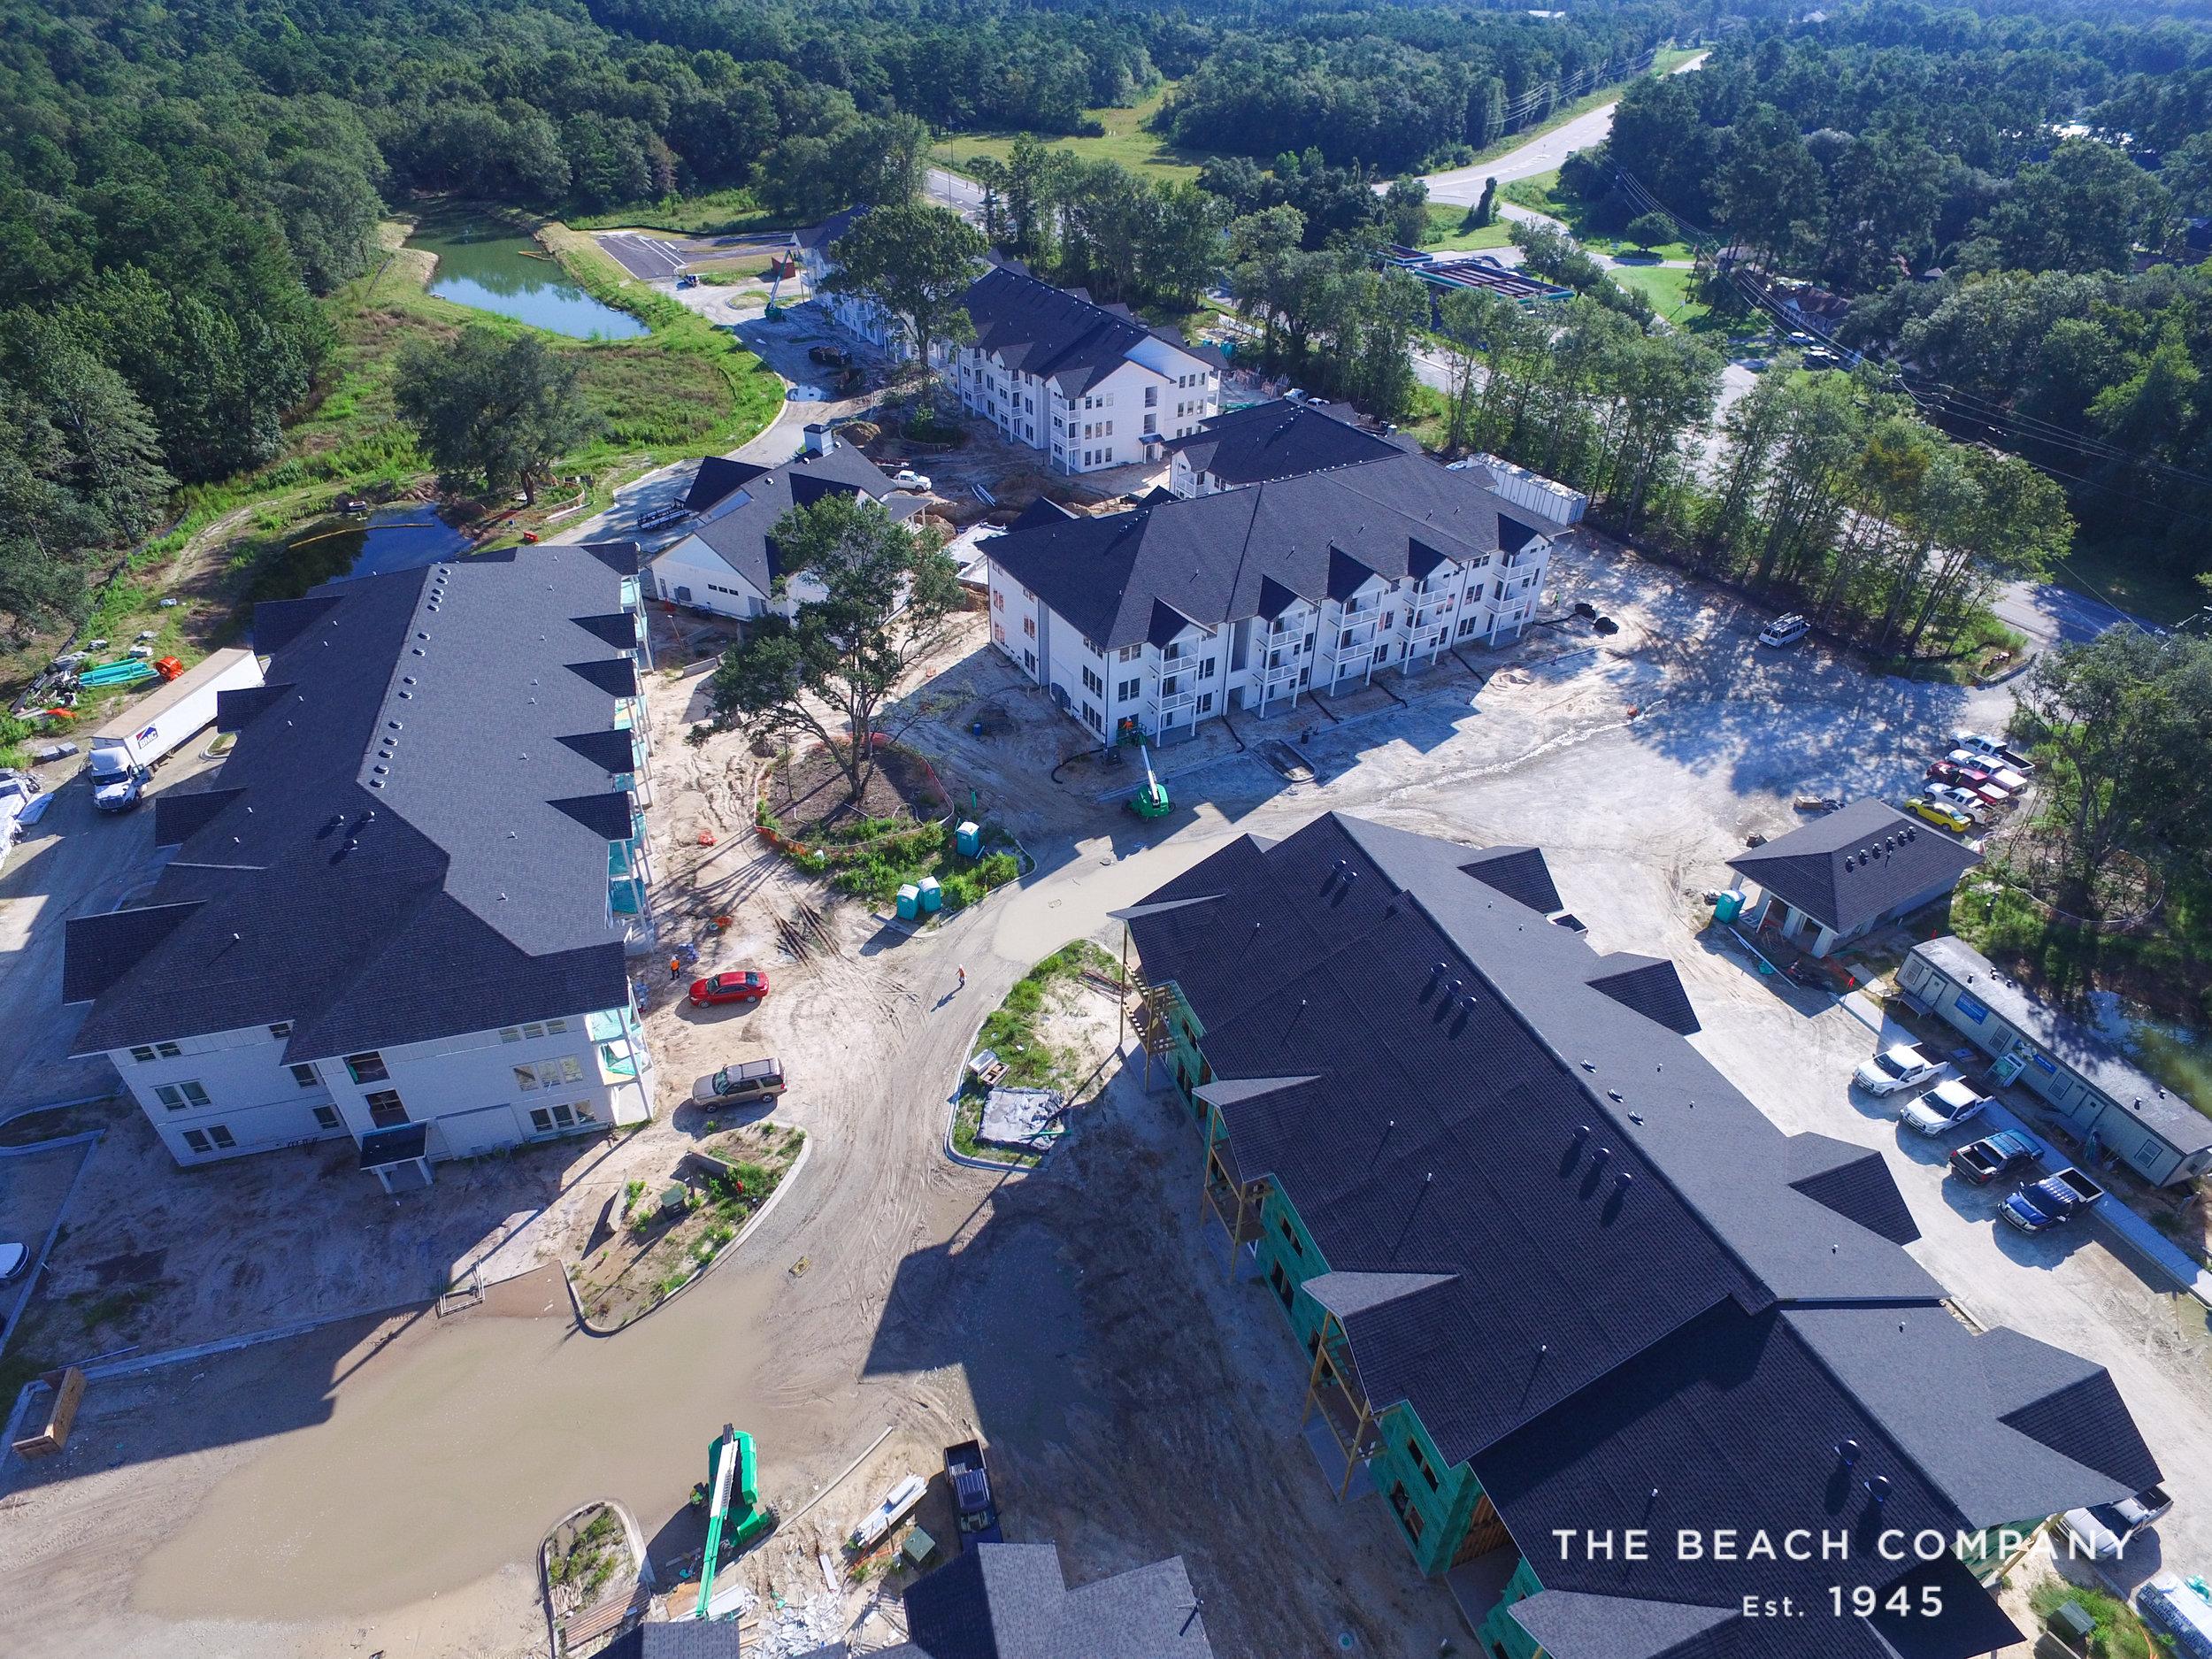 2018-08-17-beach-summerville-9.jpg